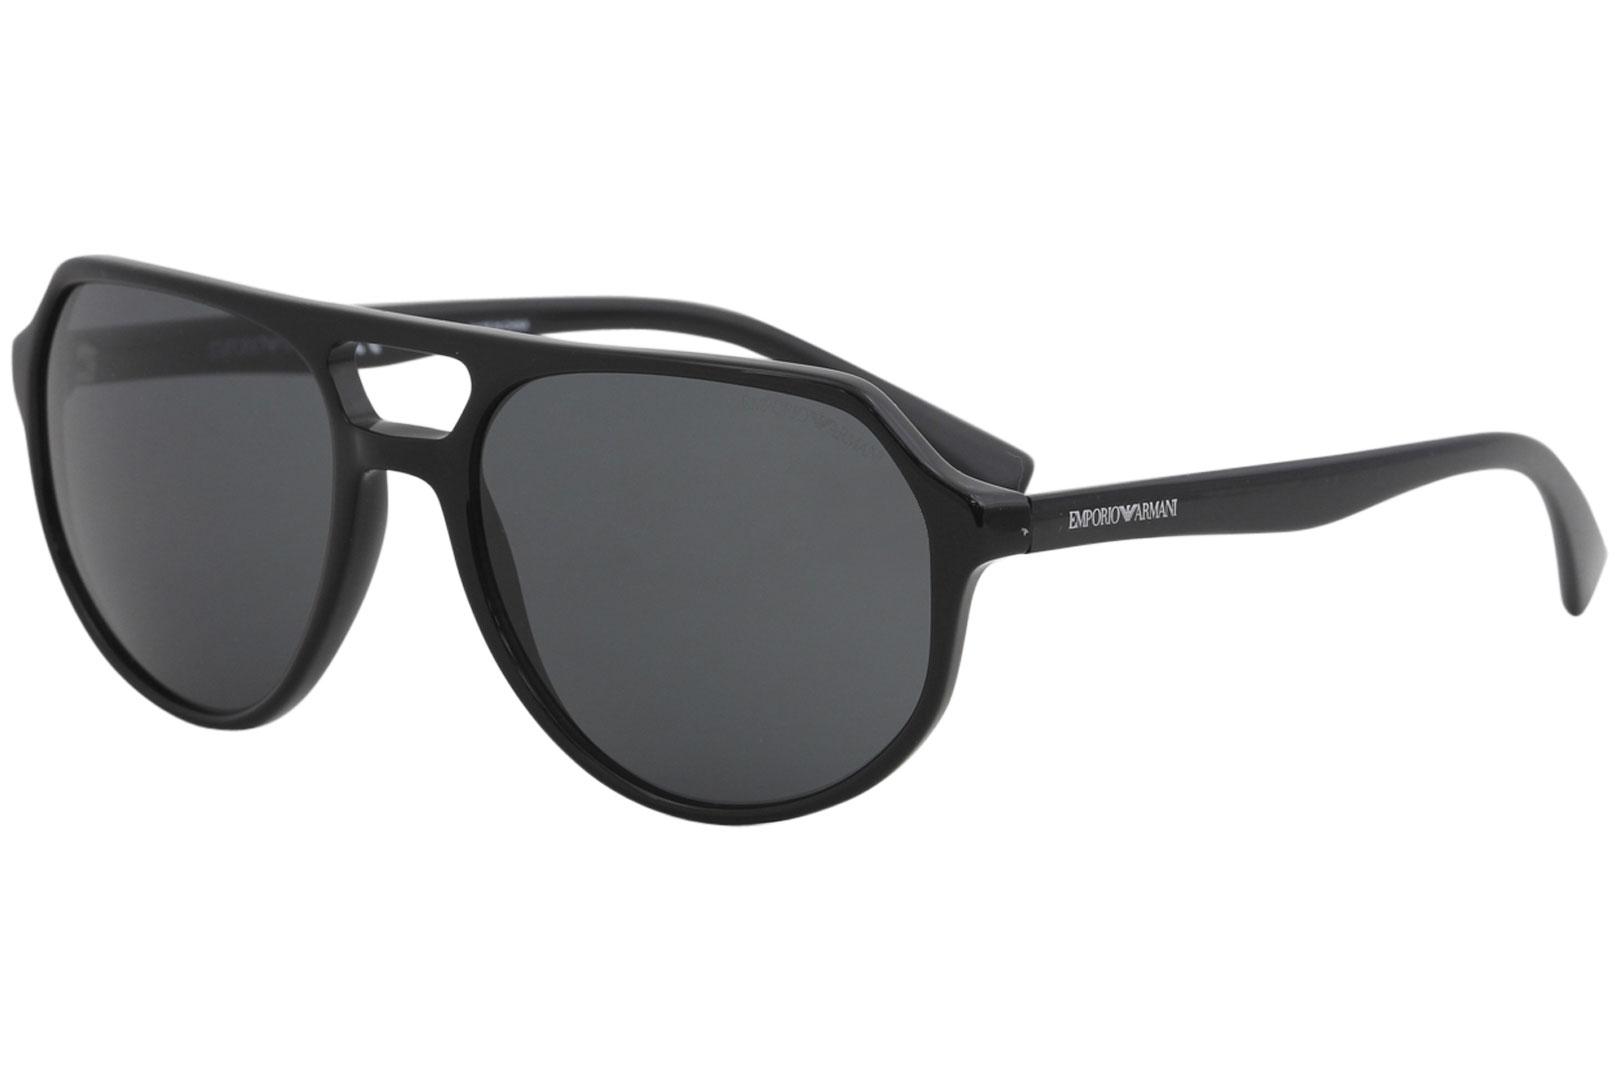 bc4c3ce2910 Emporio Armani Men s EA4111 EA 4111 5001 87 Black Fashion Pilot ...